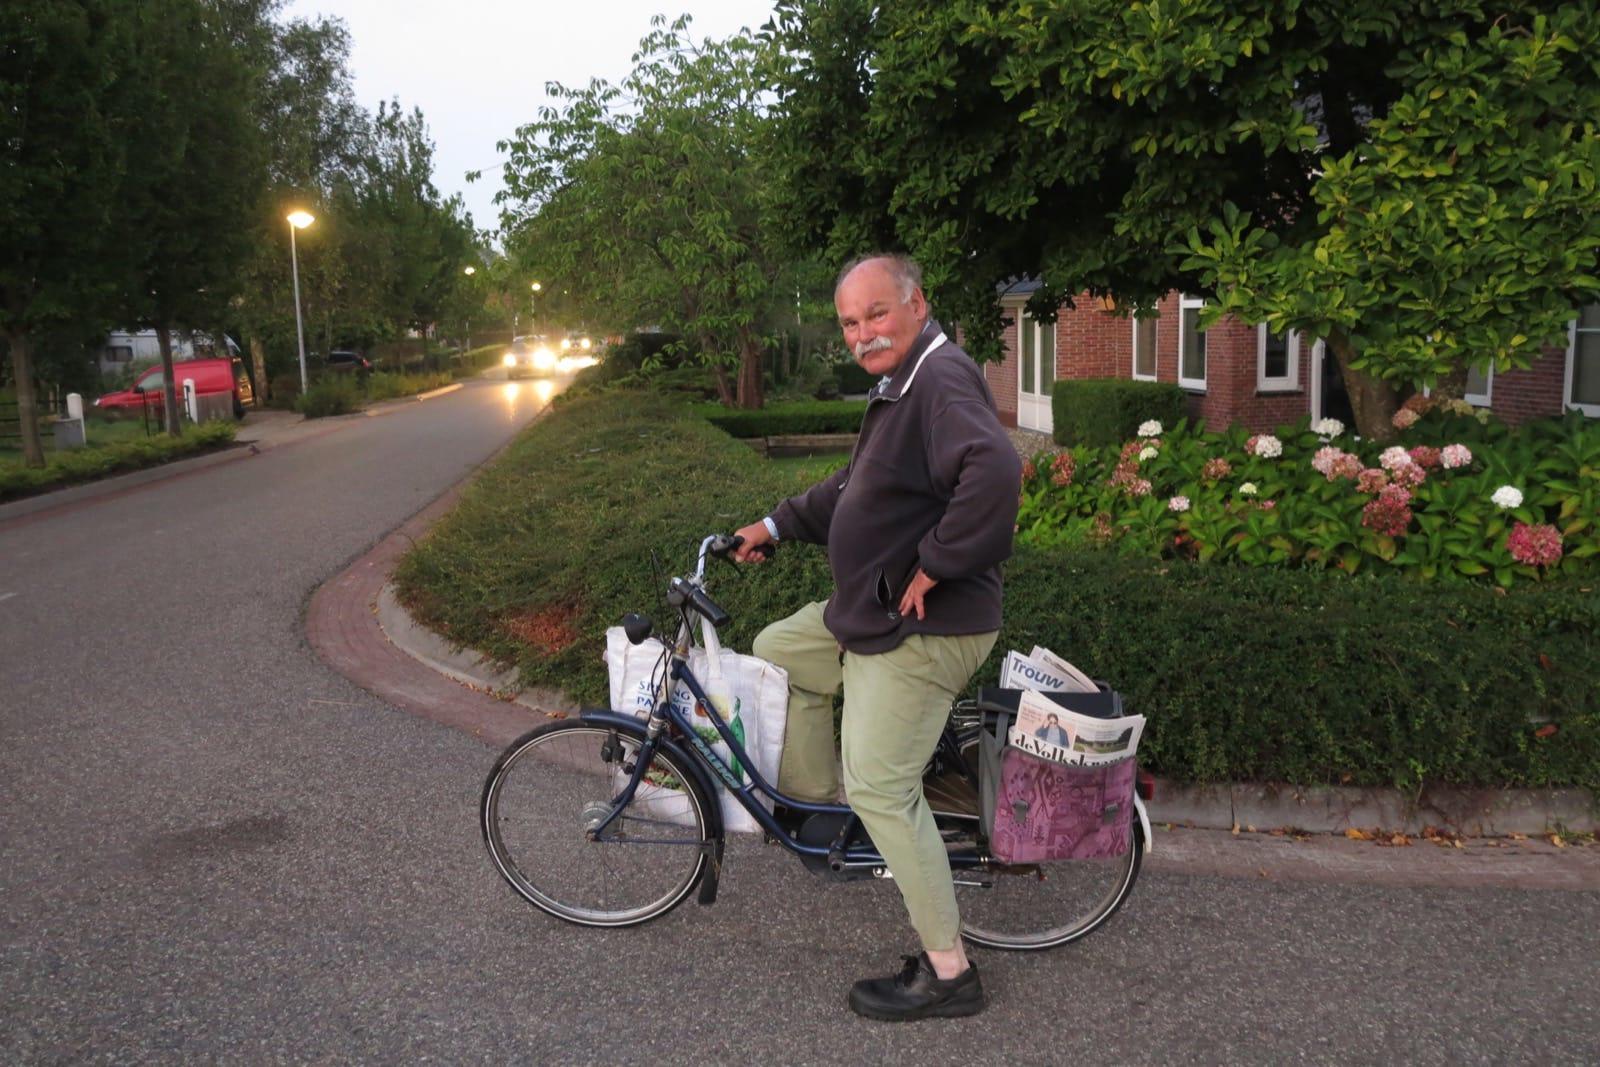 et-fiets-en-fietser-71-jacob-van-der-wouden-brengt-de-ochtendbladen-rond-oi.jpg